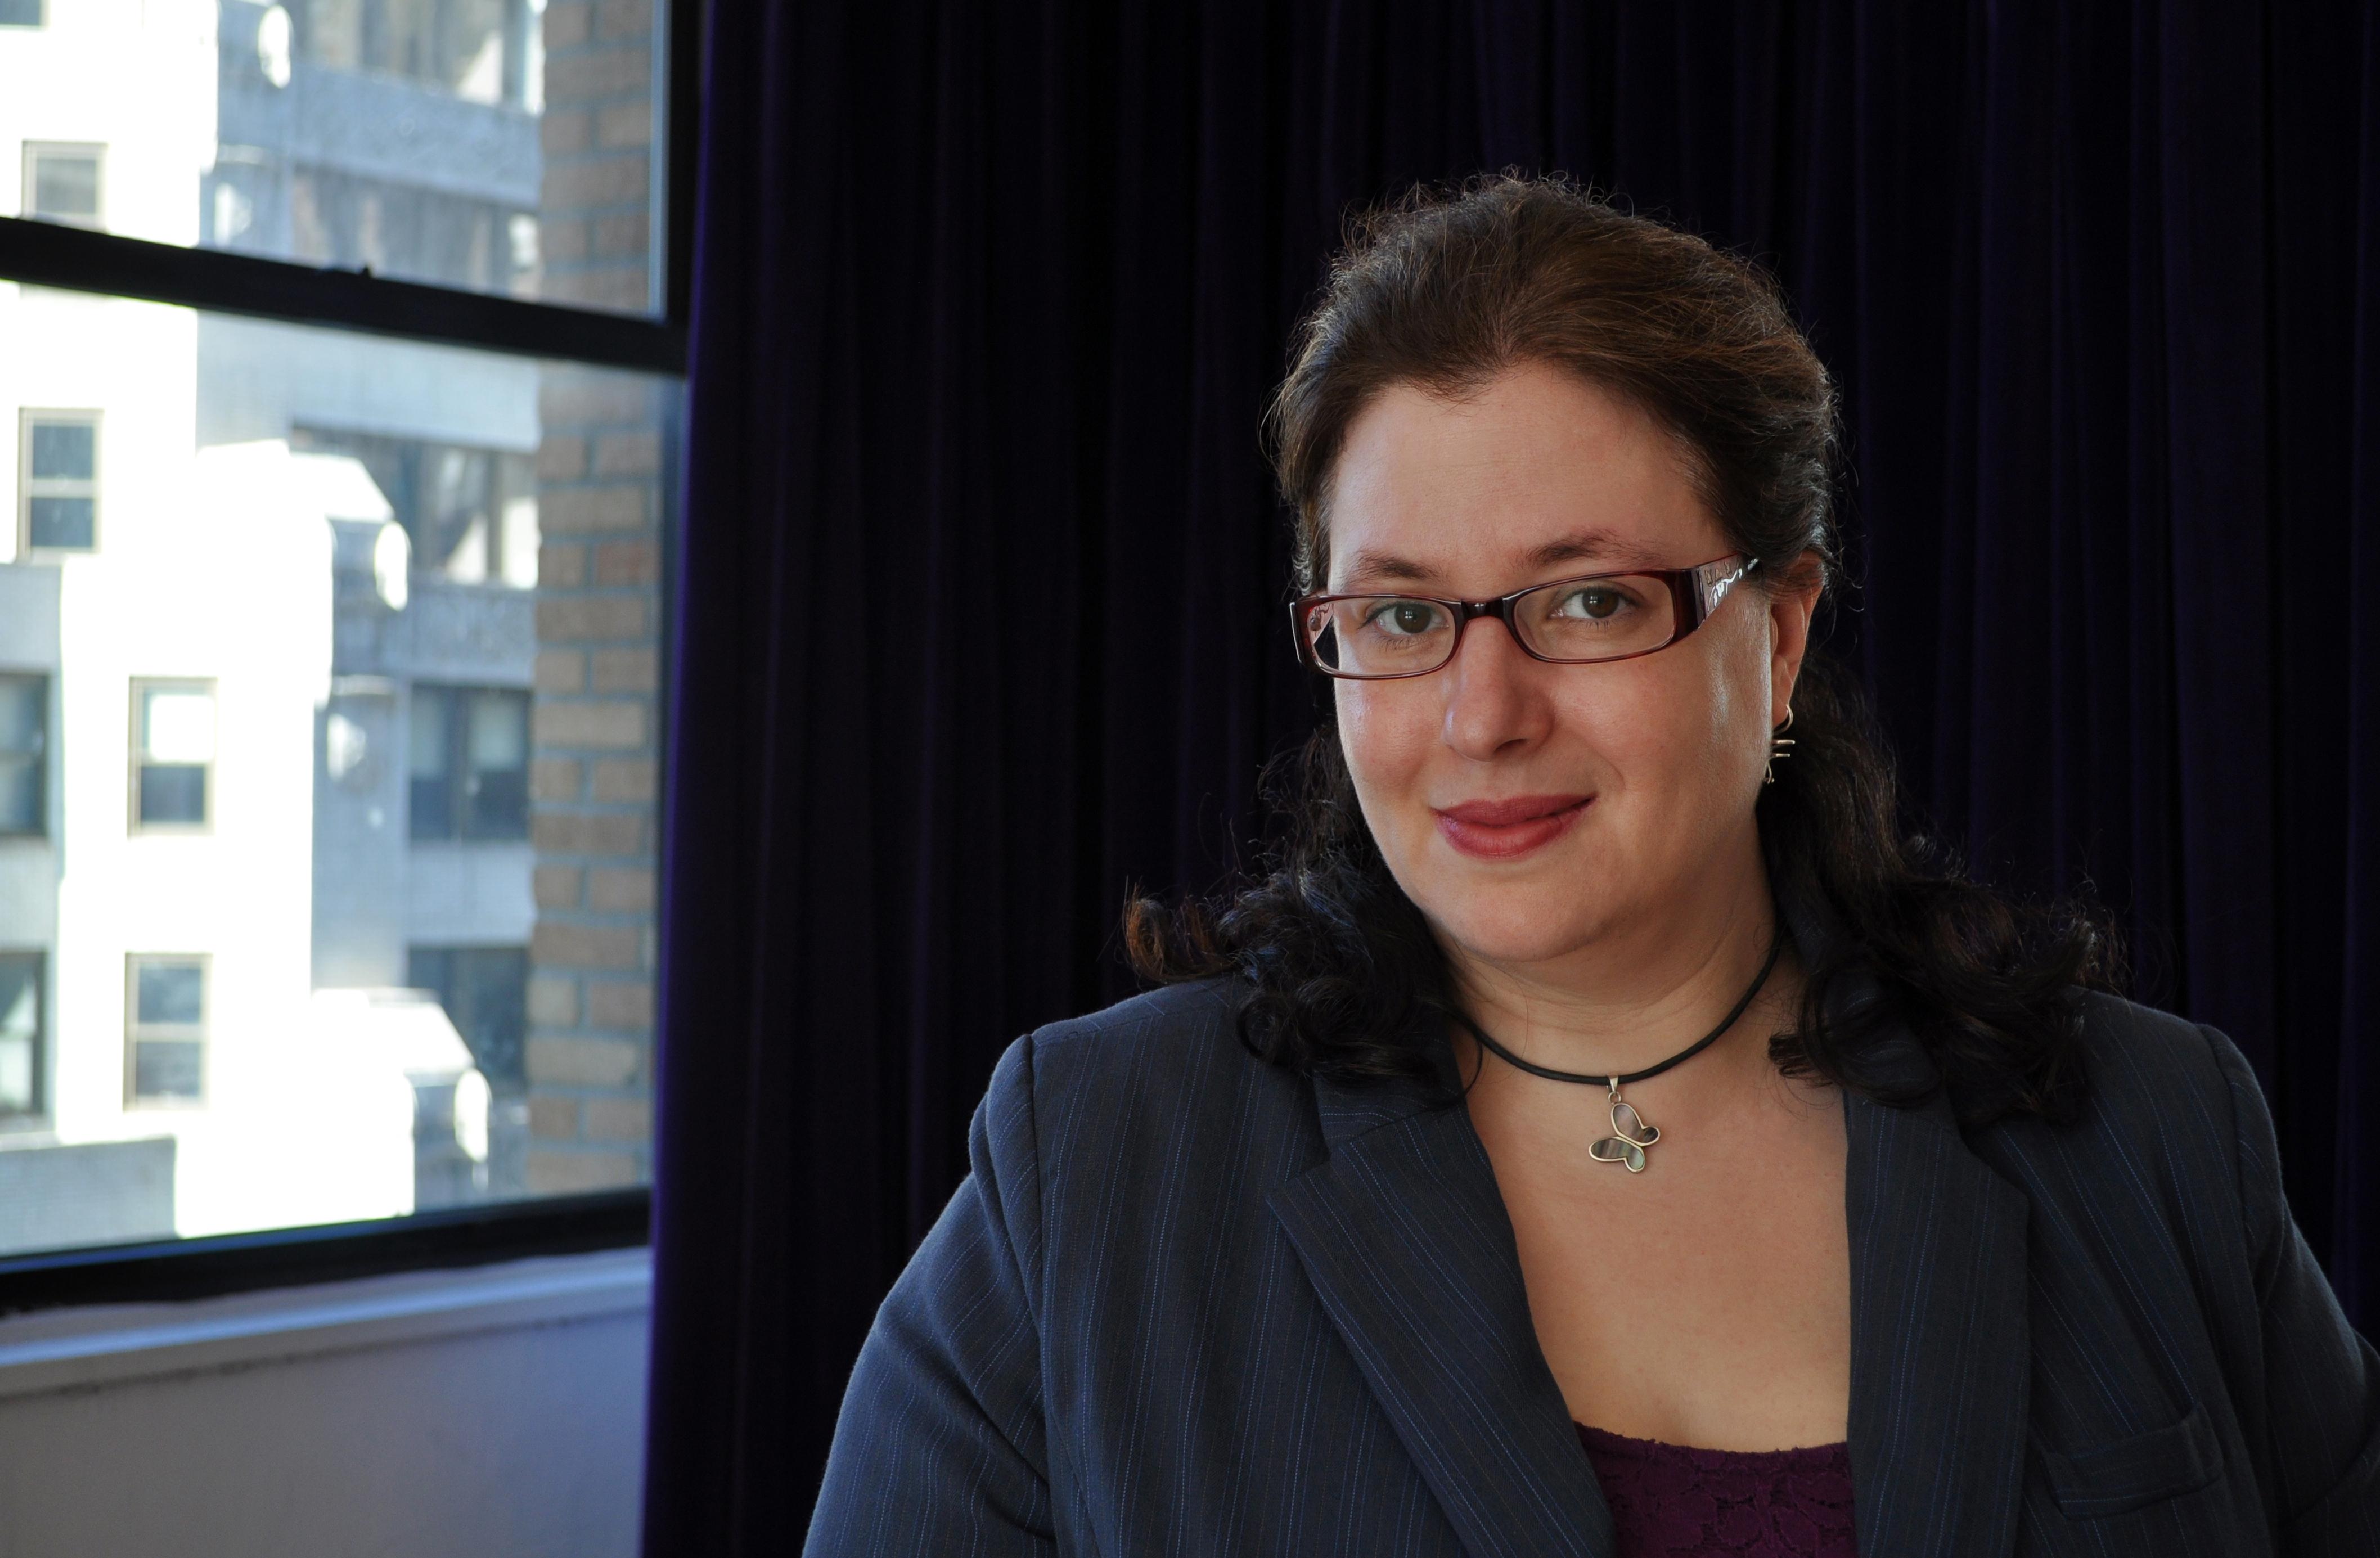 Jessica Olin